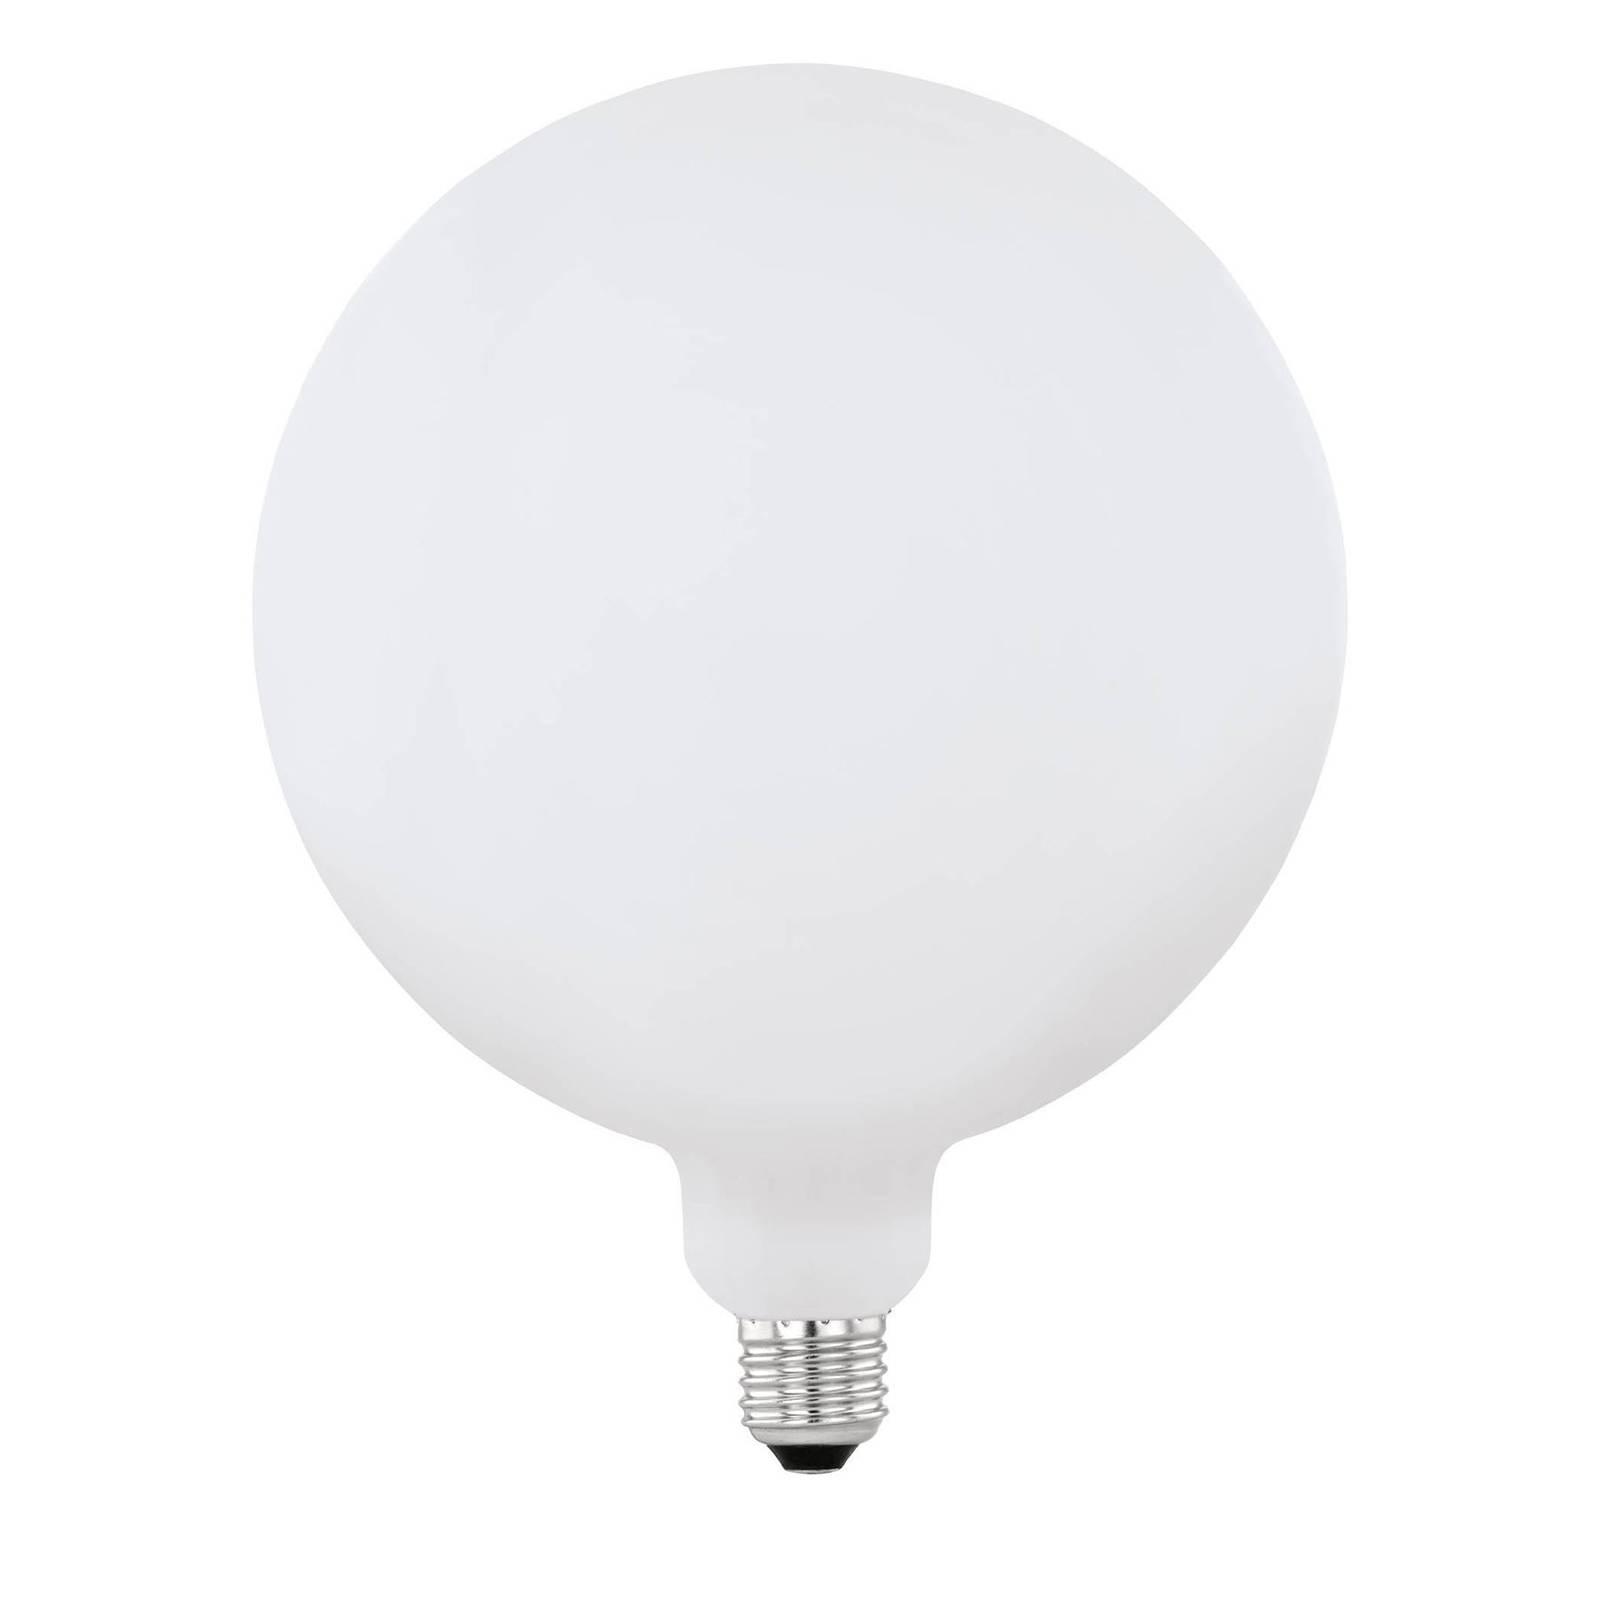 LED-lamppu E27 4W Big Size opaali, globe-muotoilu